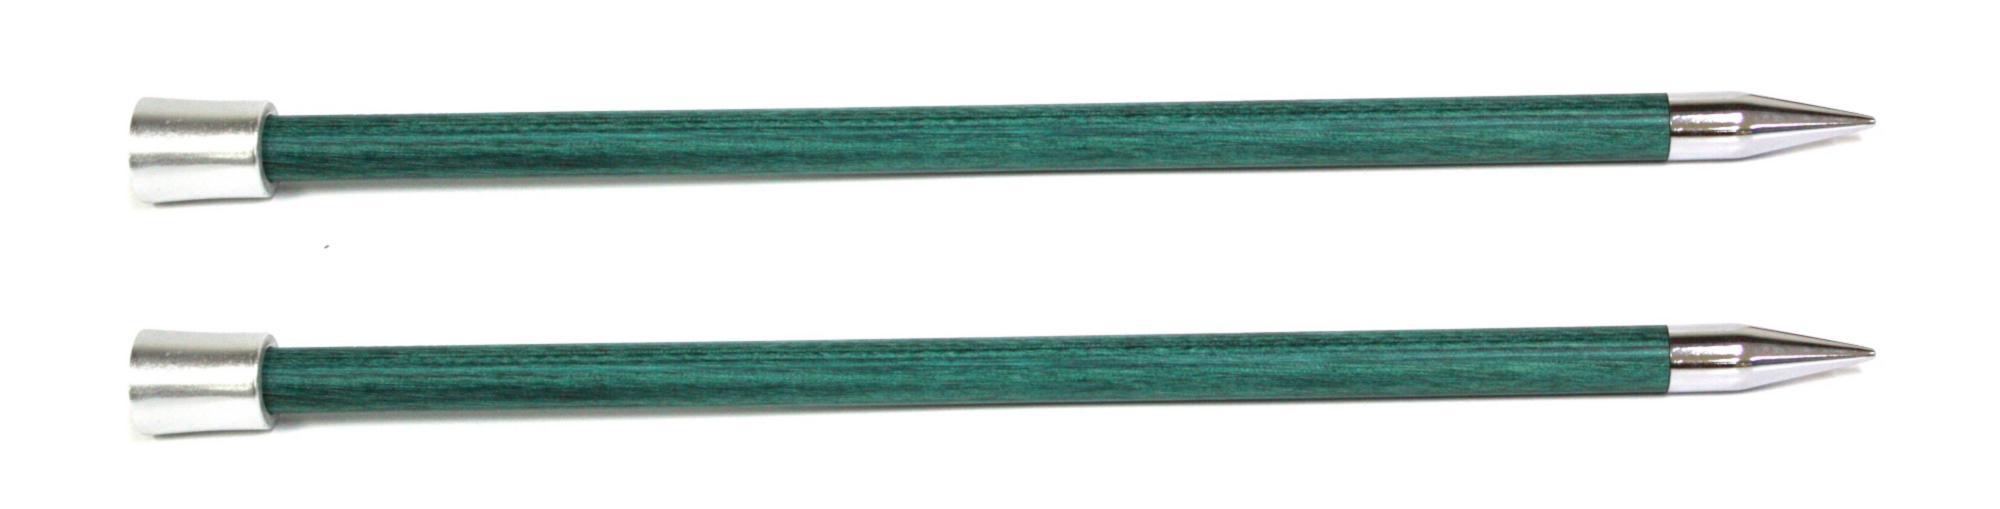 Спицы прямые 40 см Royale KnitPro, 29244, 10.00 мм